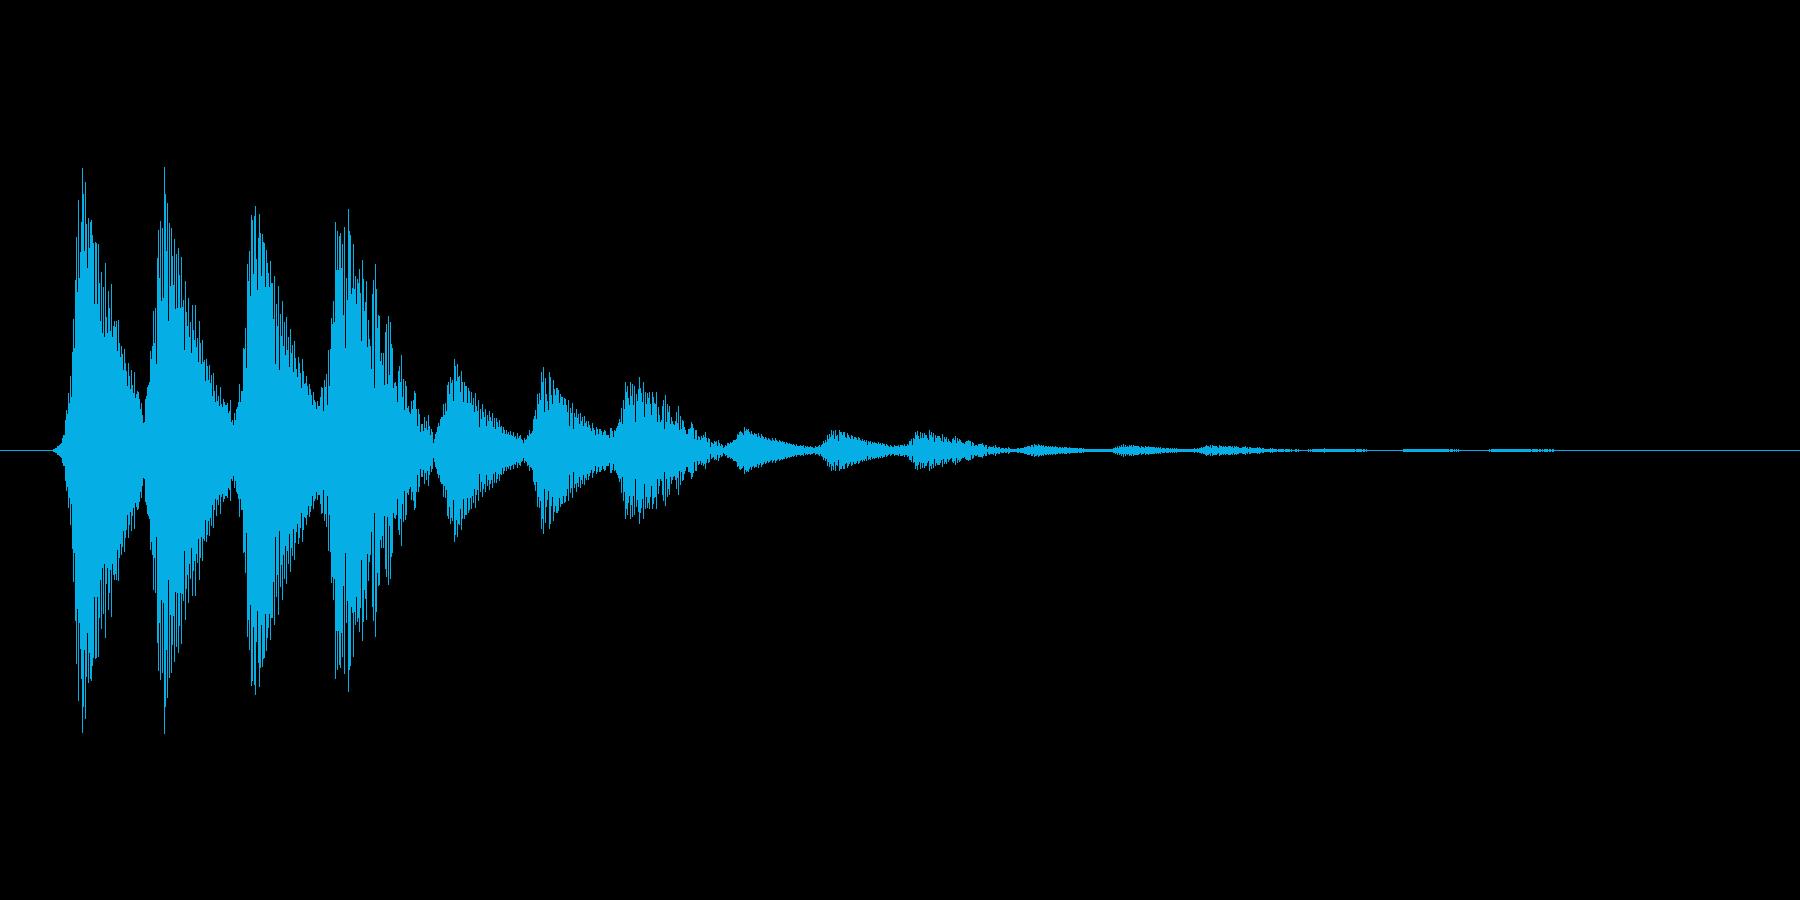 ファミコン風効果音 キャンセル系 11の再生済みの波形